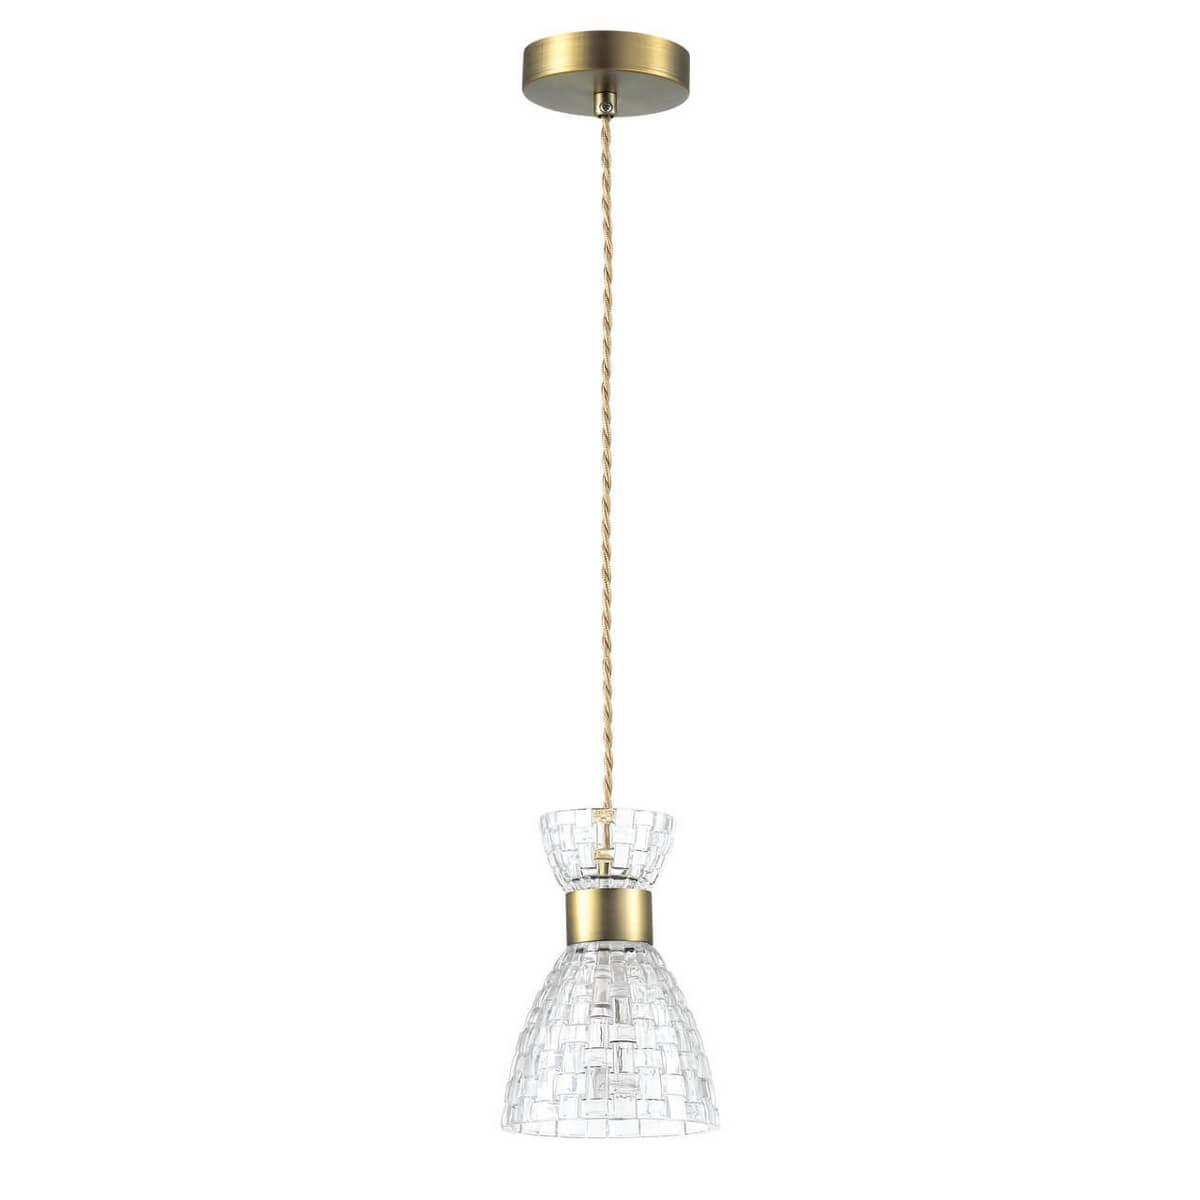 лучшая цена Подвесной светильник Lumion 3704/1, E14, 40 Вт